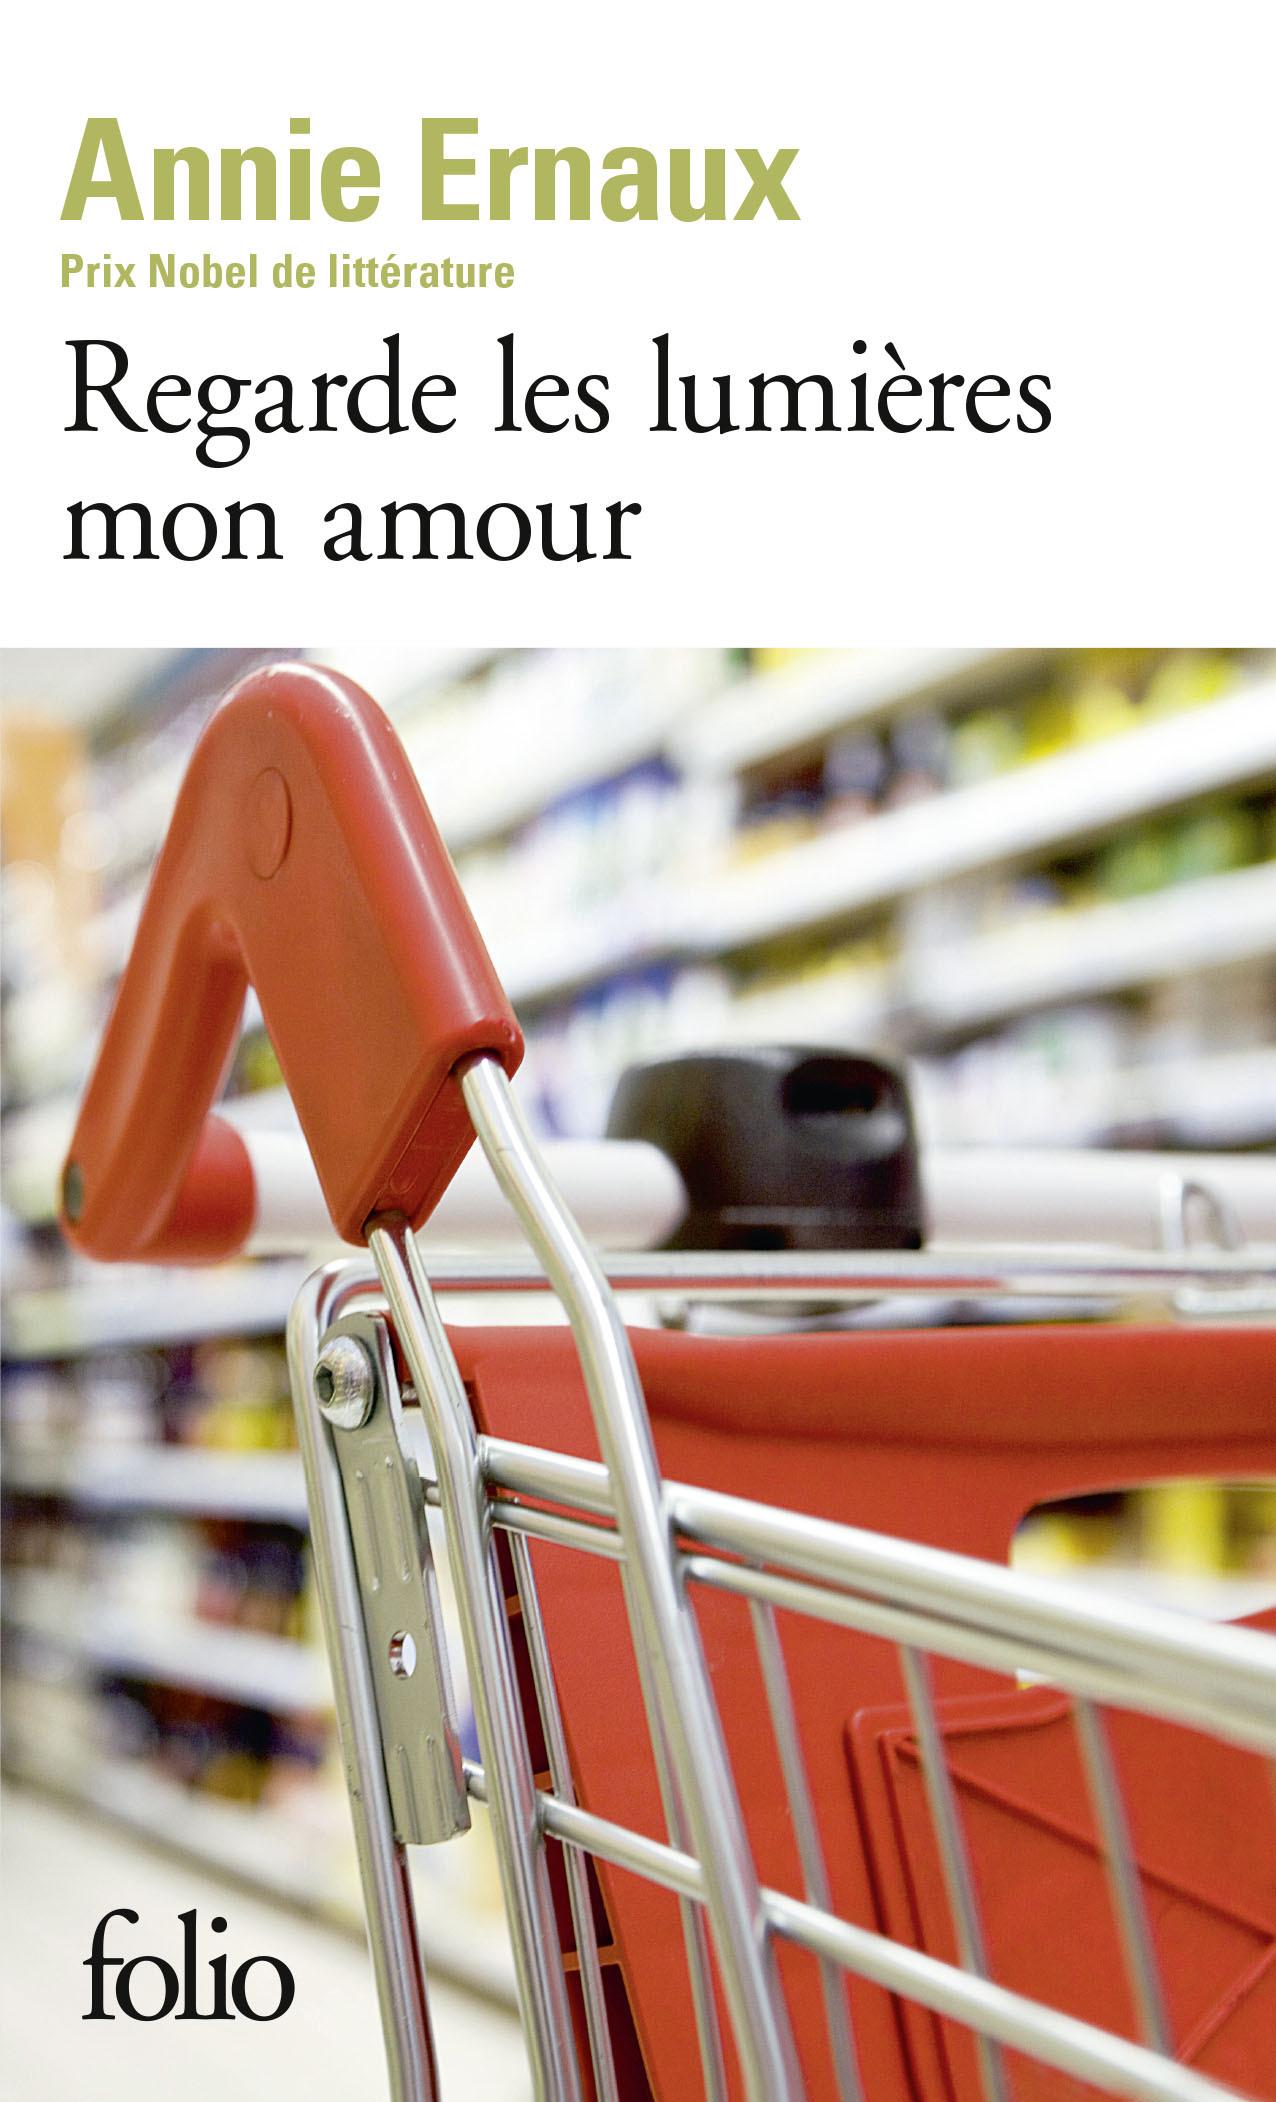 REGARDE LES LUMIERES MON AMOUR